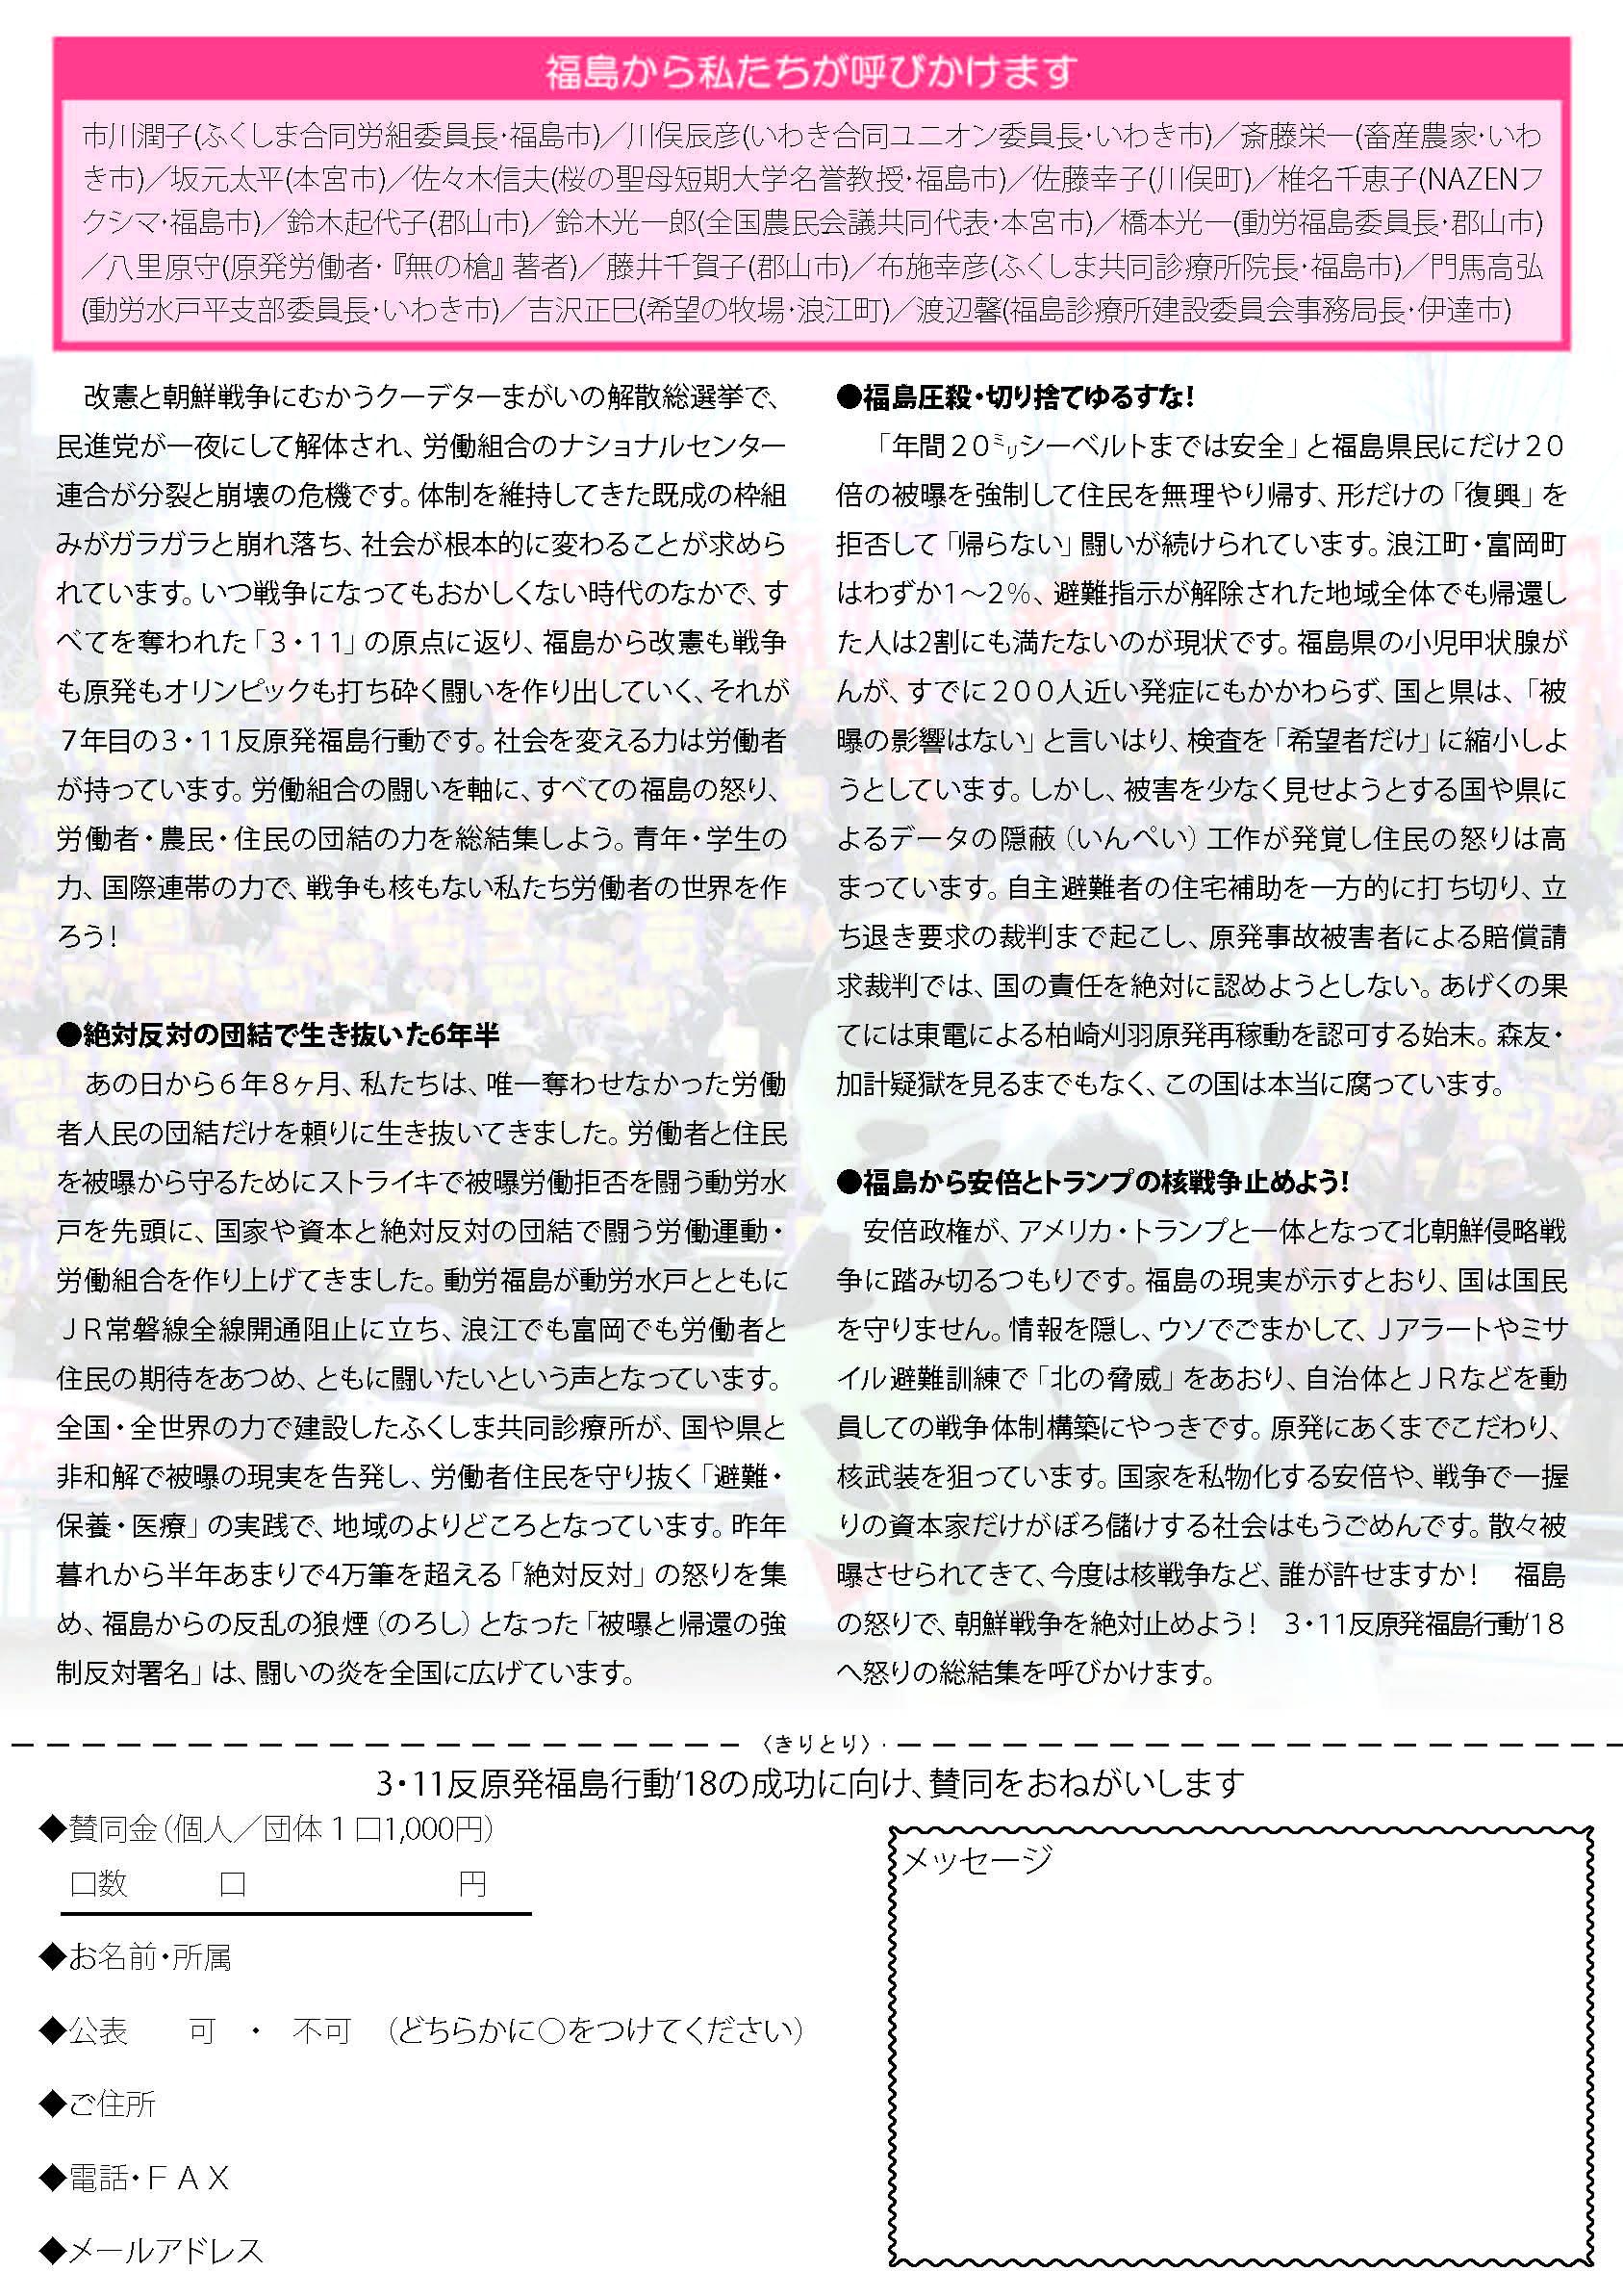 3・11反原発福島行動18チラシ_ページ_2